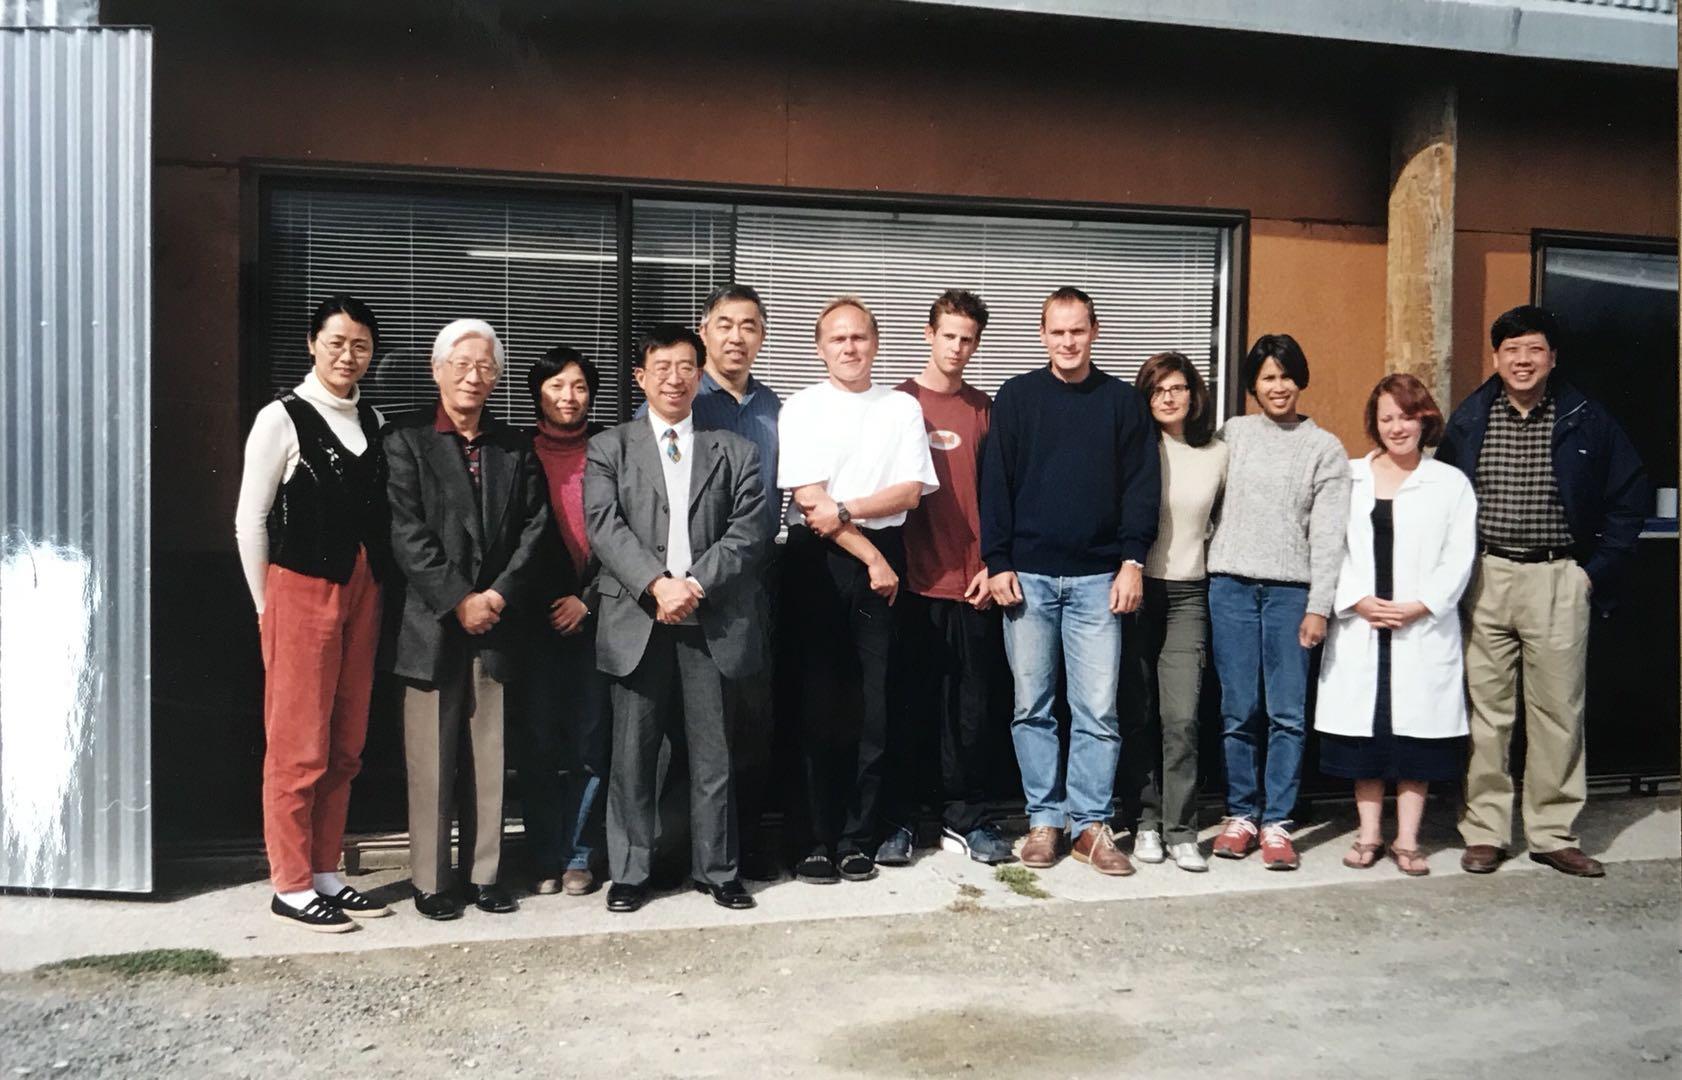 上博代表团与德国探险公司黑石号文物整理团队在一起